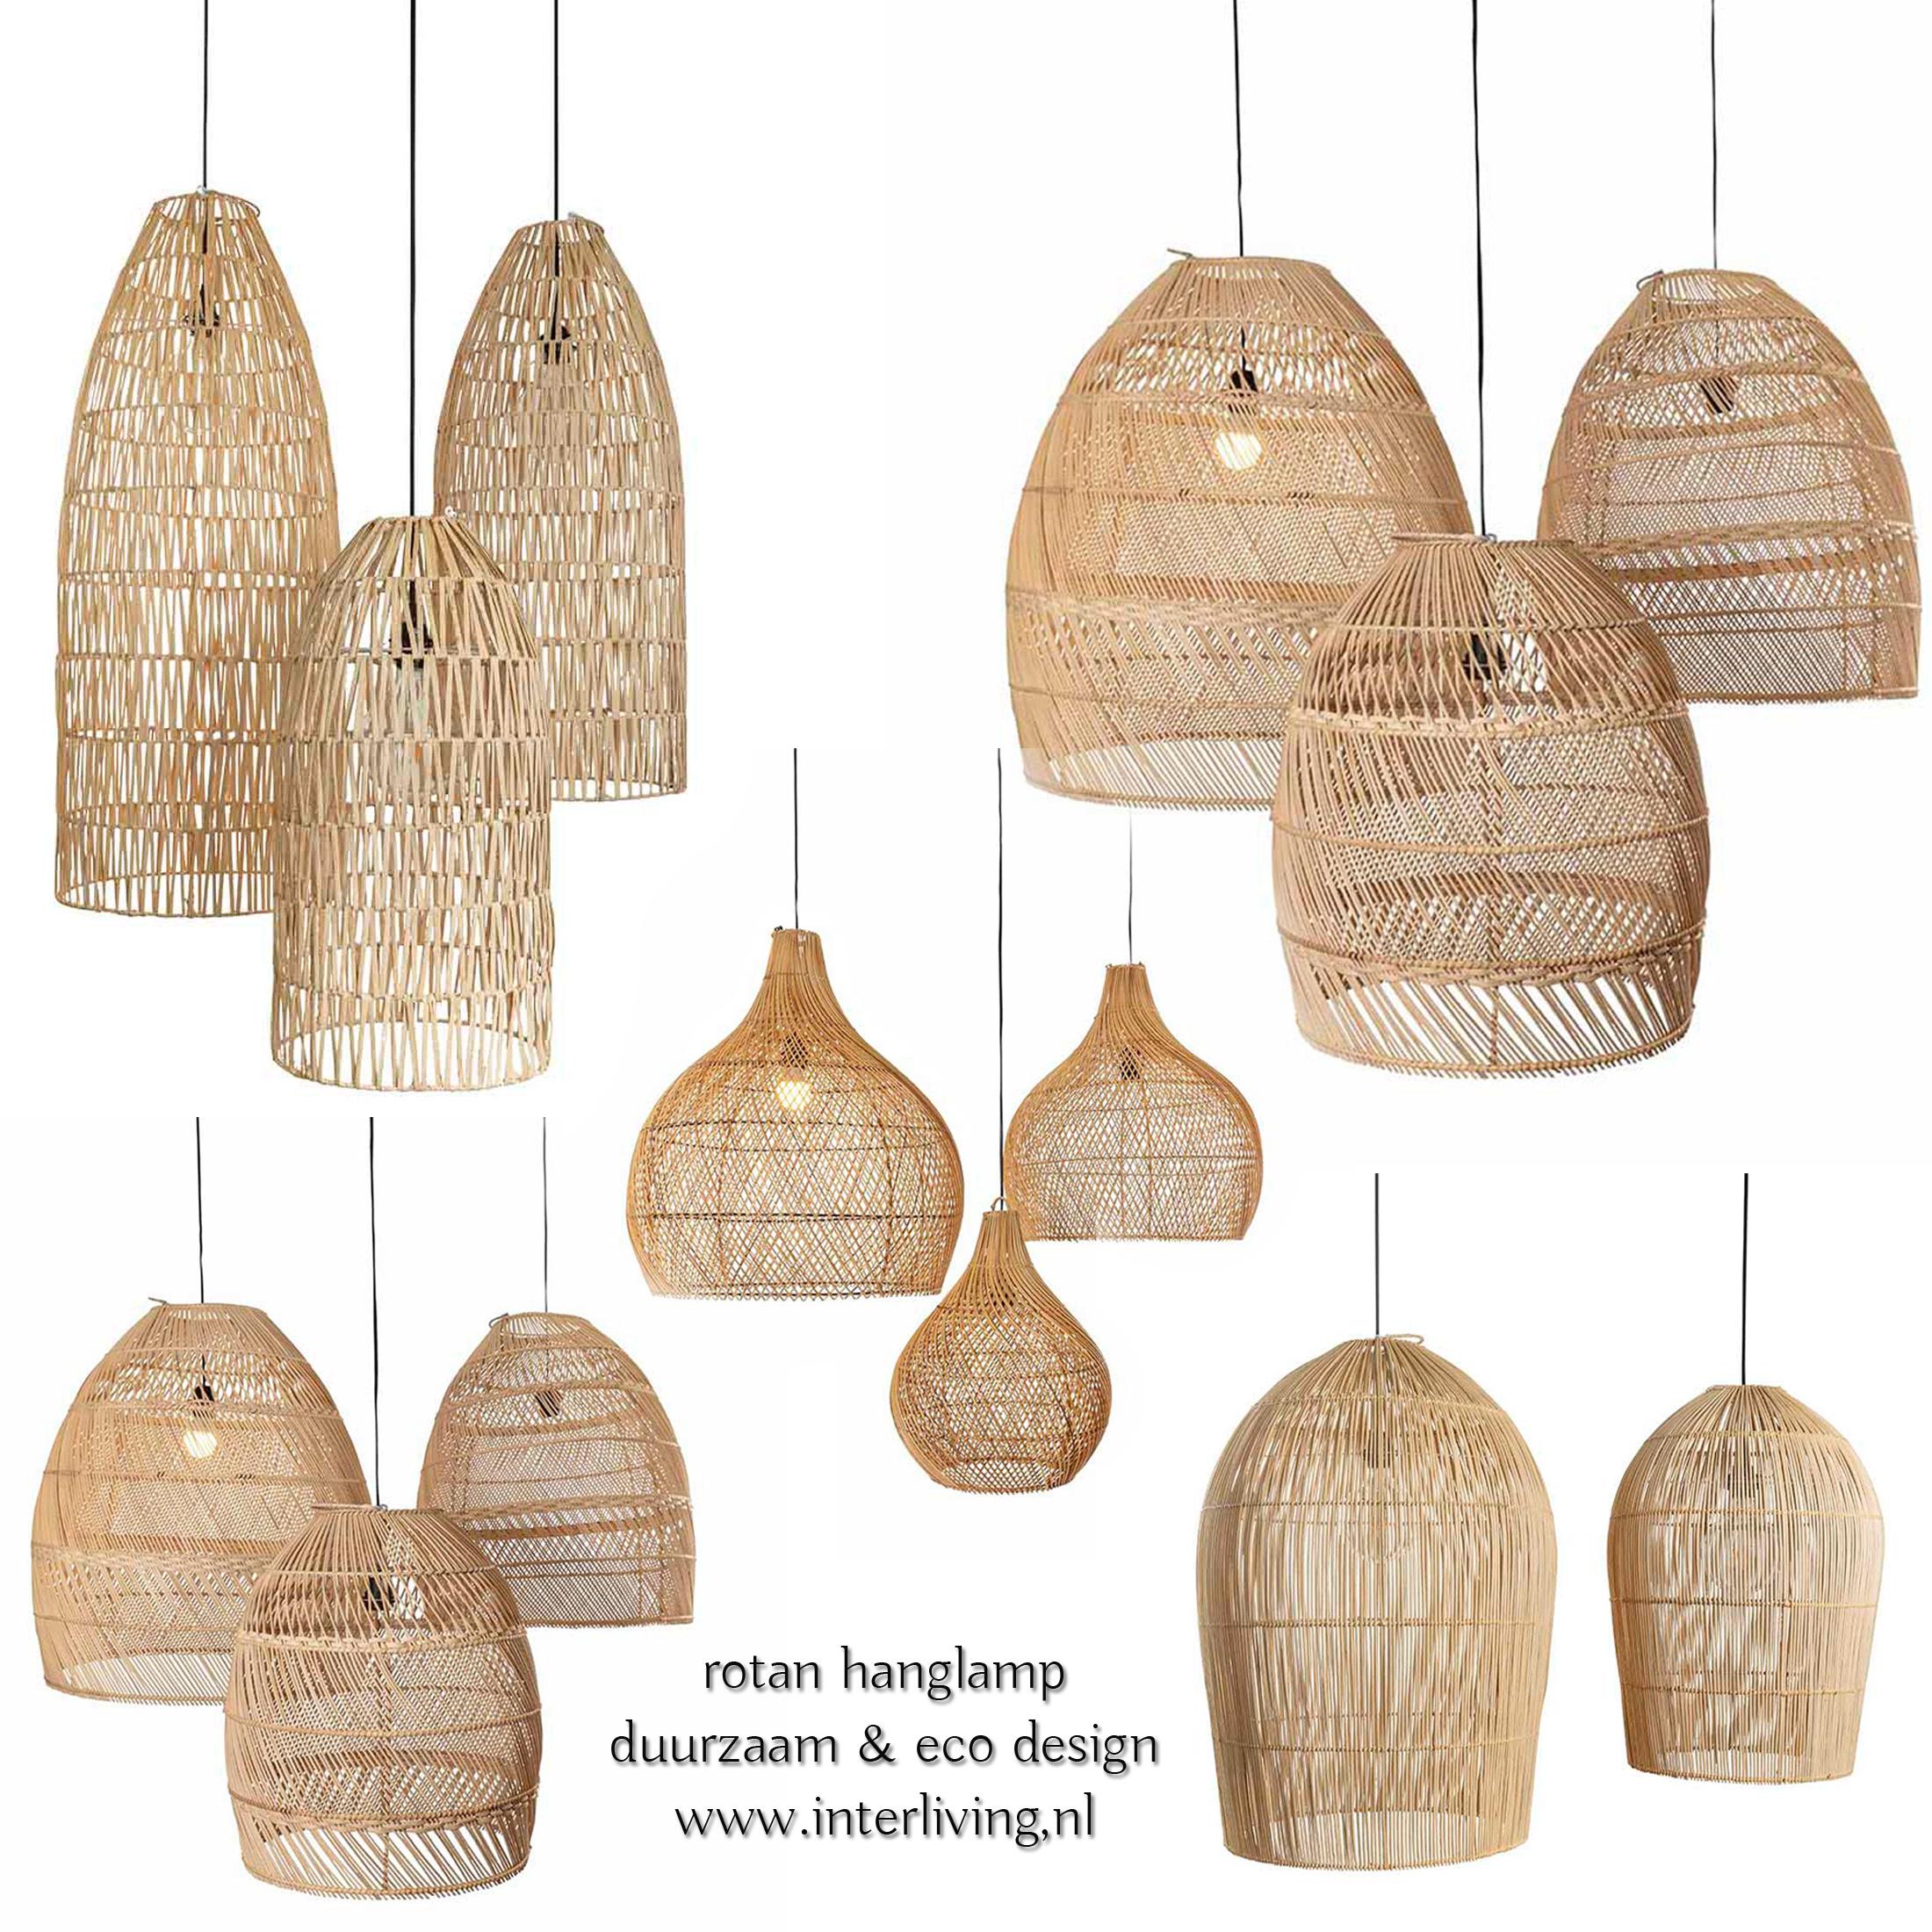 handgemaakte rotan hanglamp - duurzaam eco design verlichting uit Bali - Indonesië